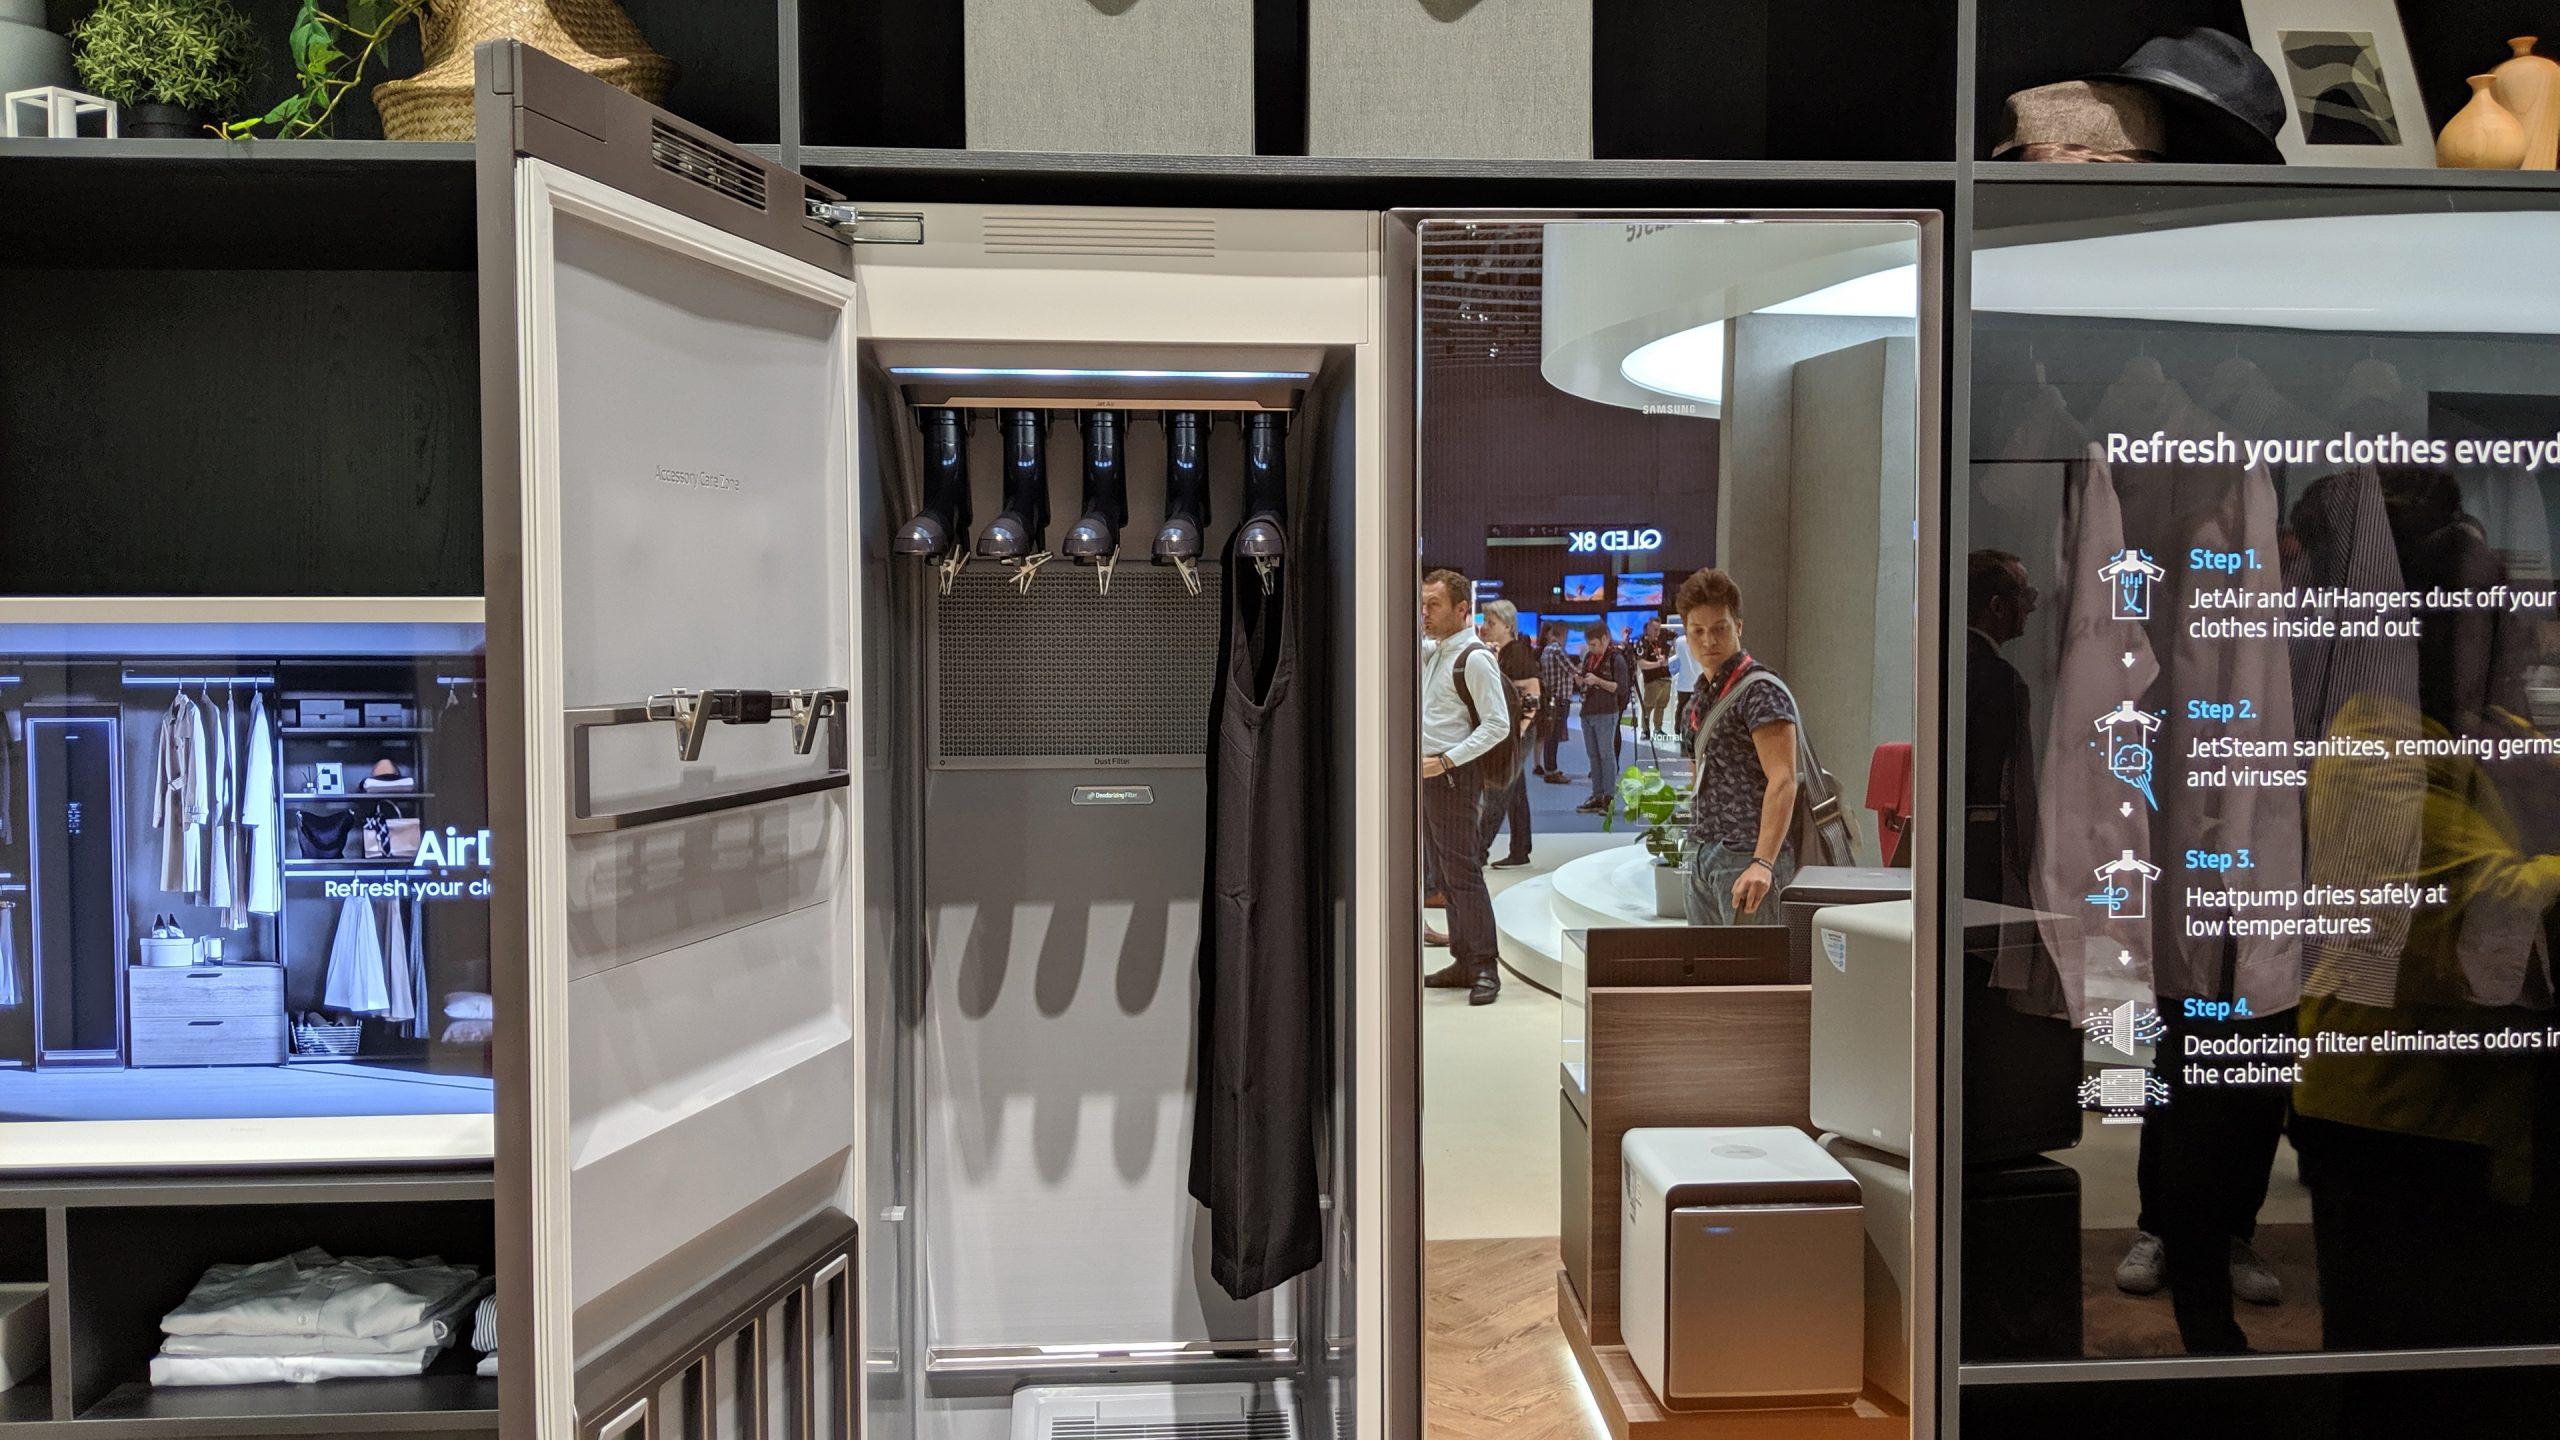 روکیدا | محصول ویژه سامسونگ برای دوران کرونایی: کمد لباسی با قابلیت های شگفت انگیز | سامسونگ, ویروس کرونا, کرونا